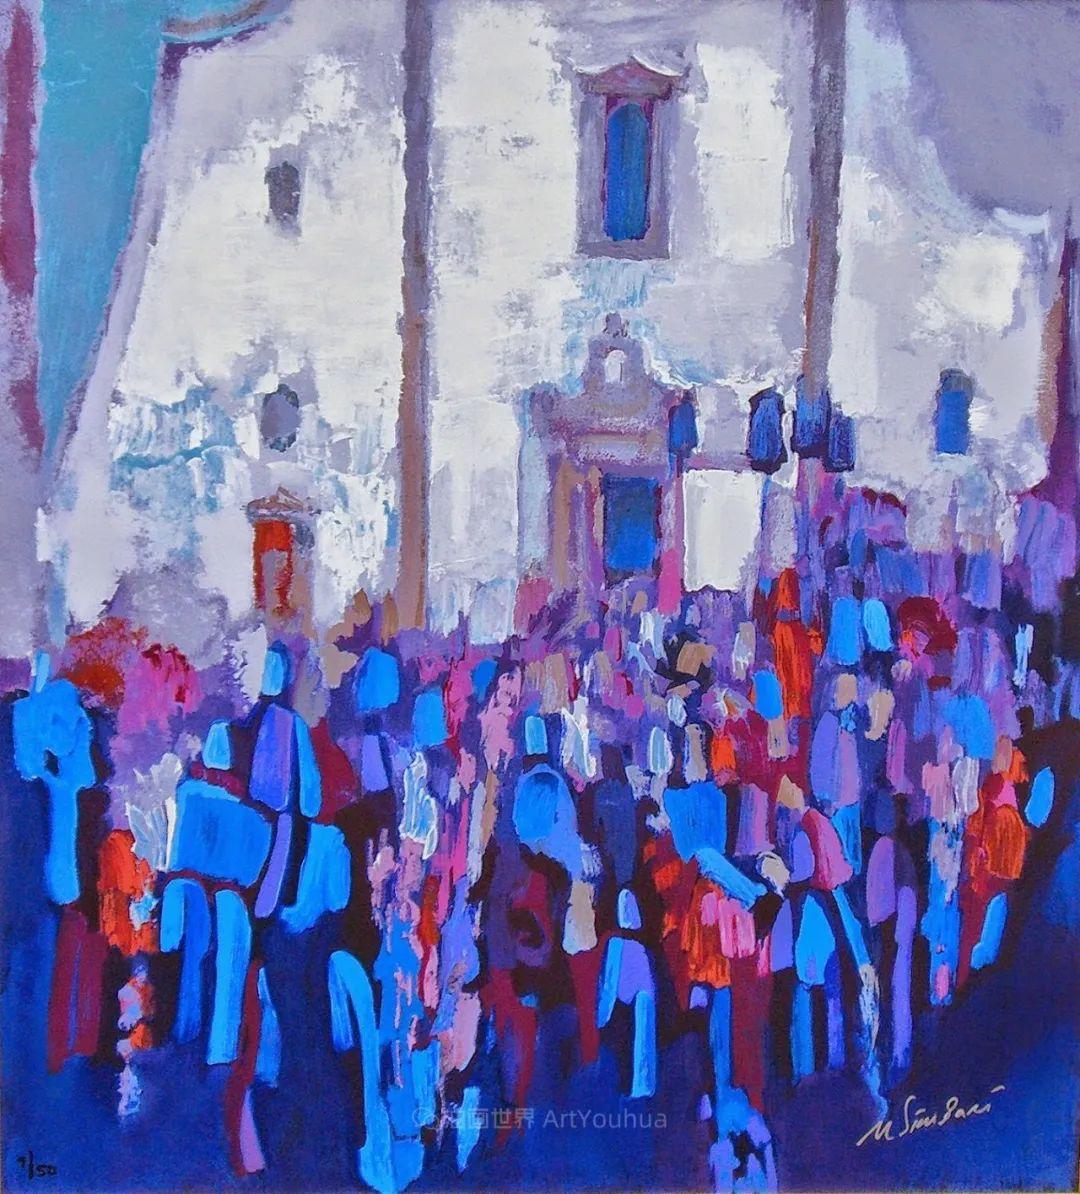 意大利画家尼古拉·辛巴里作品: 色块之美插图63